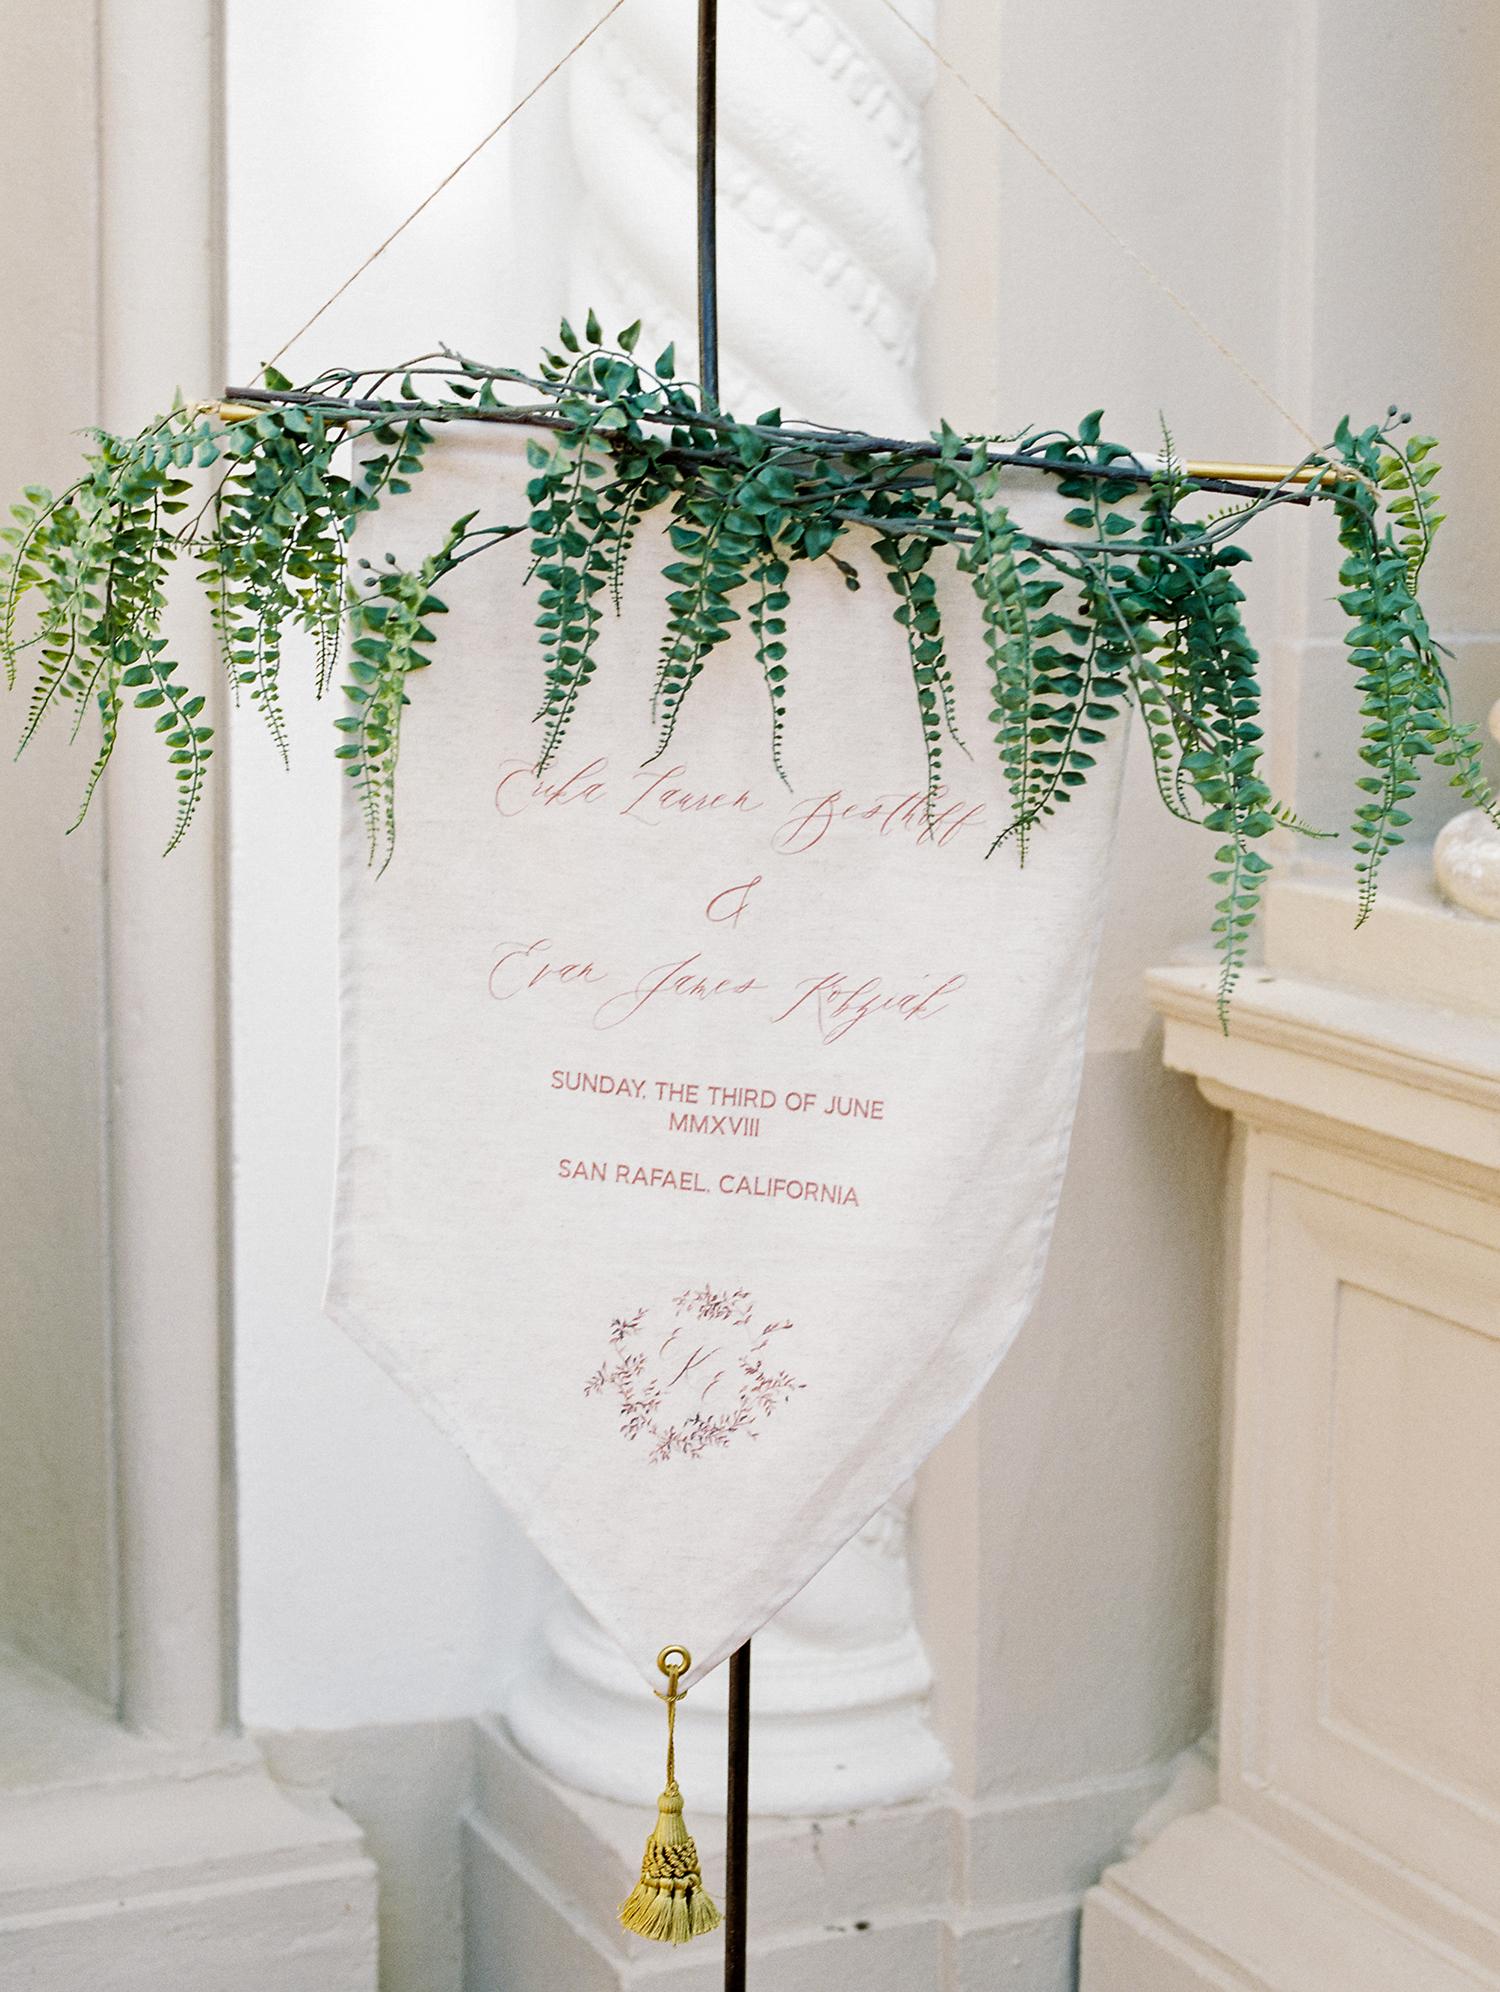 erika evan wedding welcome sign